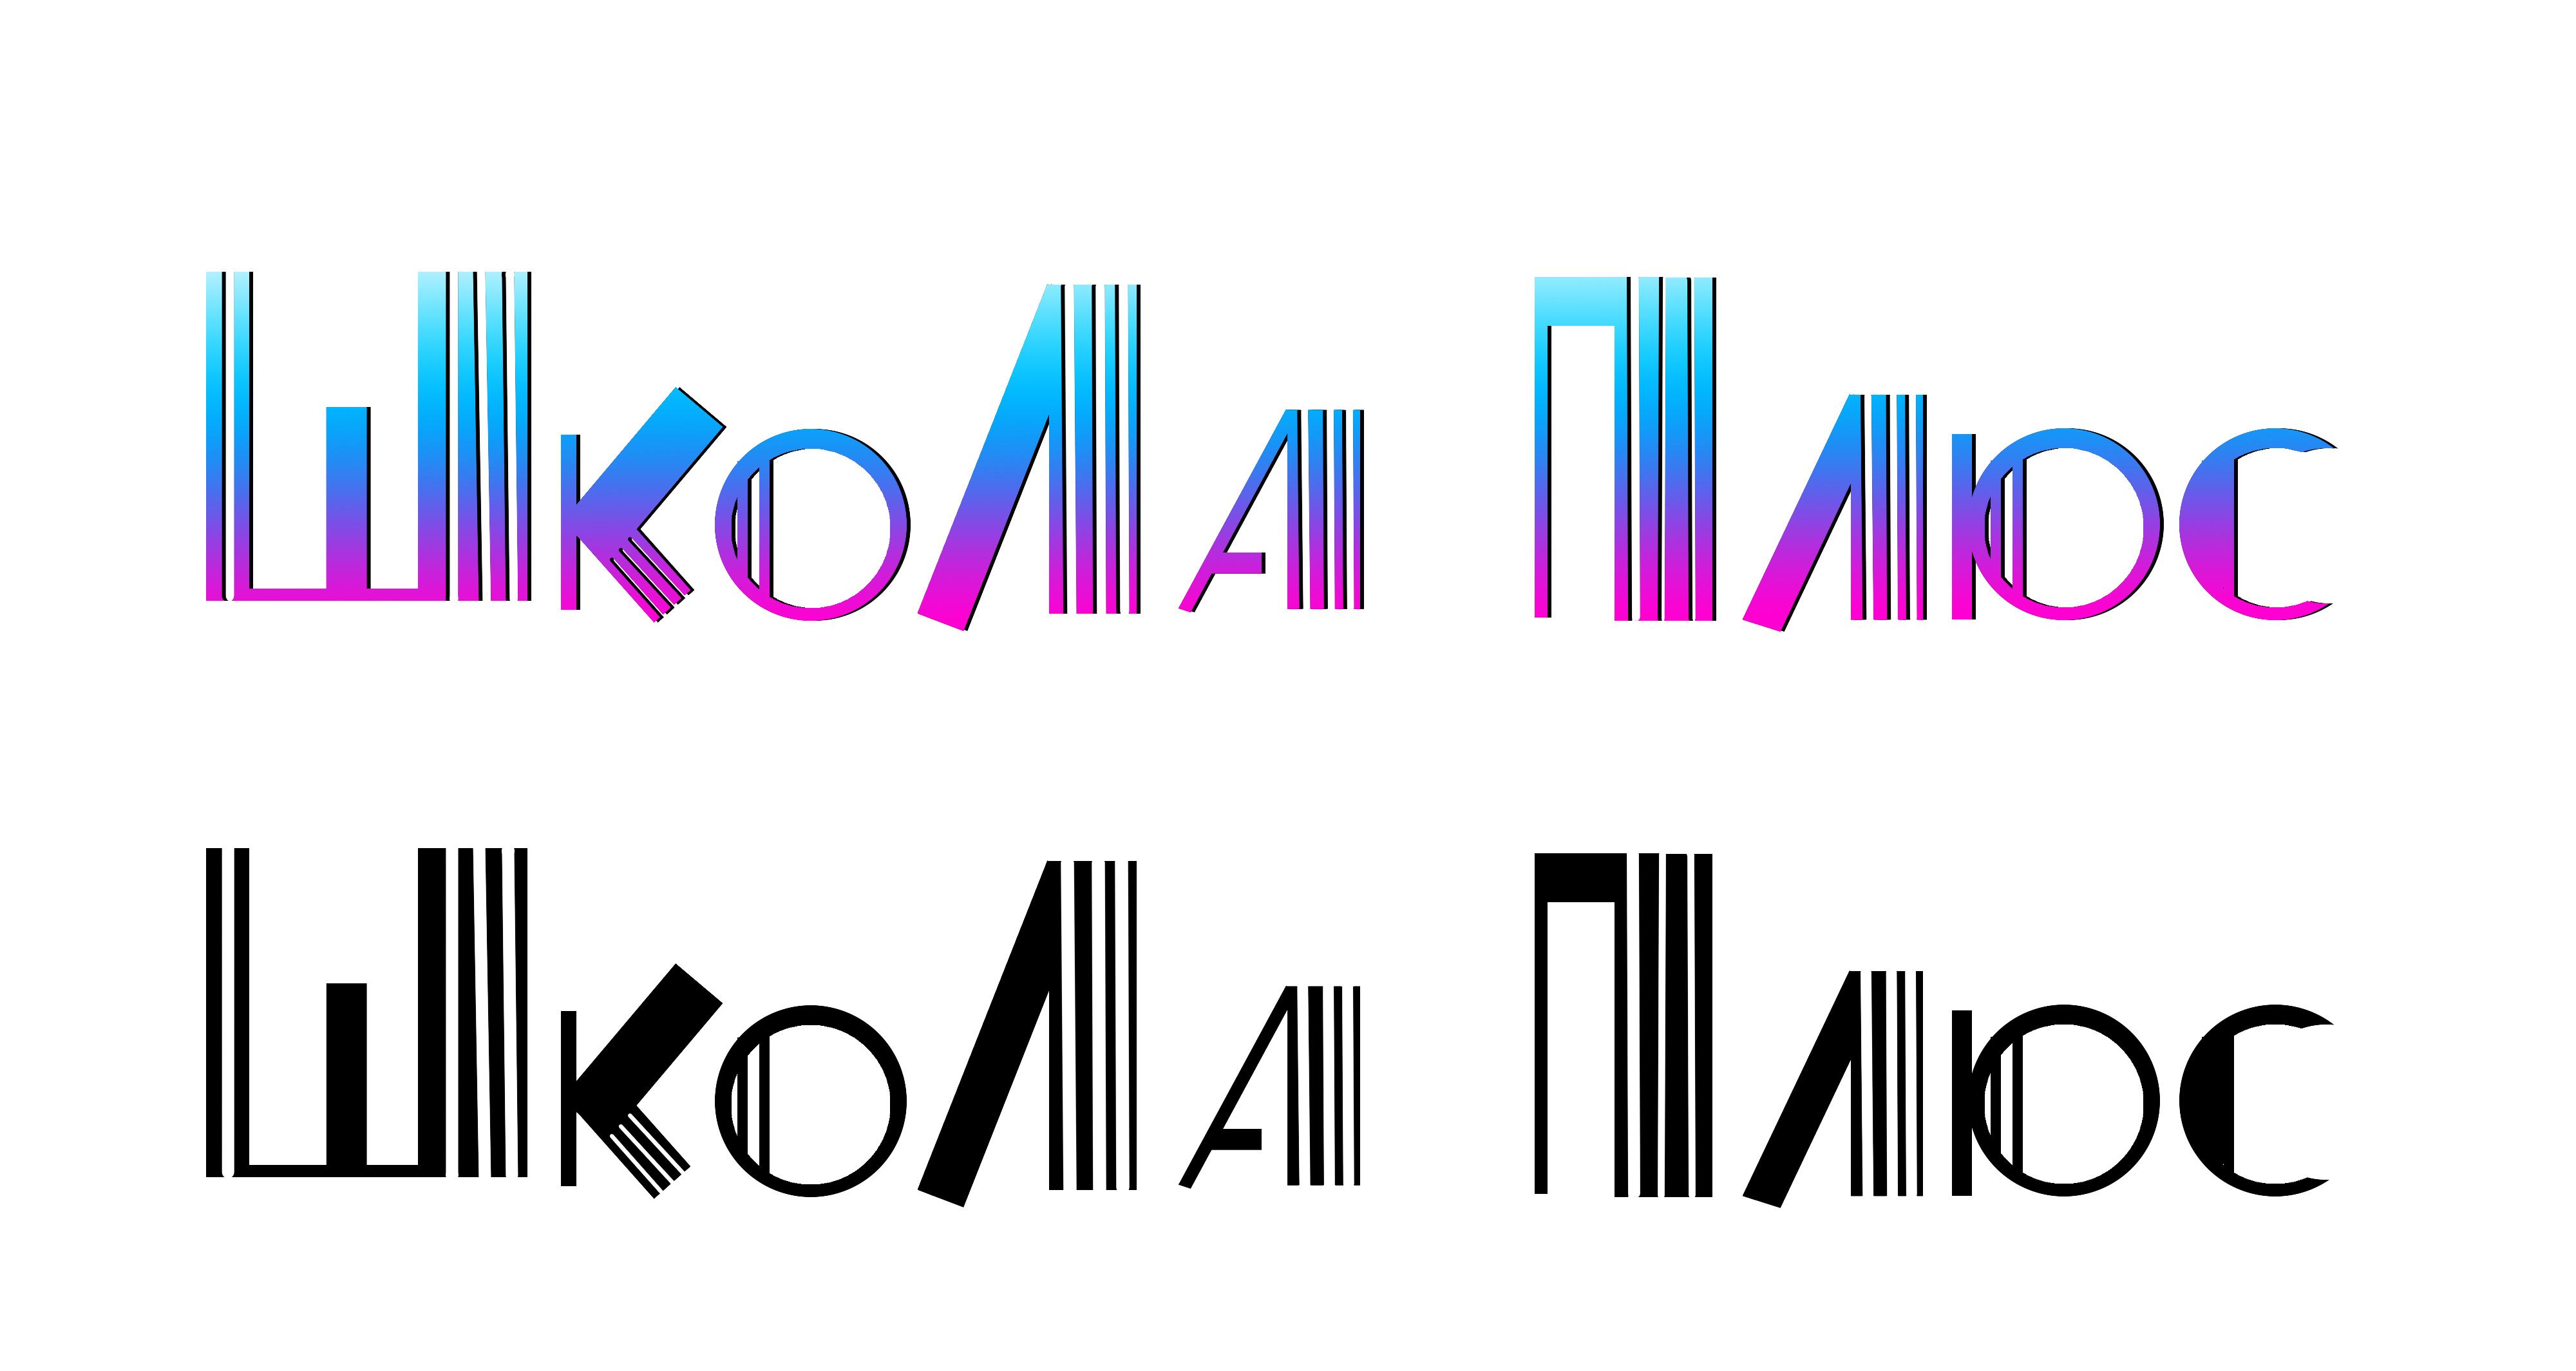 Разработка логотипа и пары элементов фирменного стиля фото f_4dad60027a282.jpg